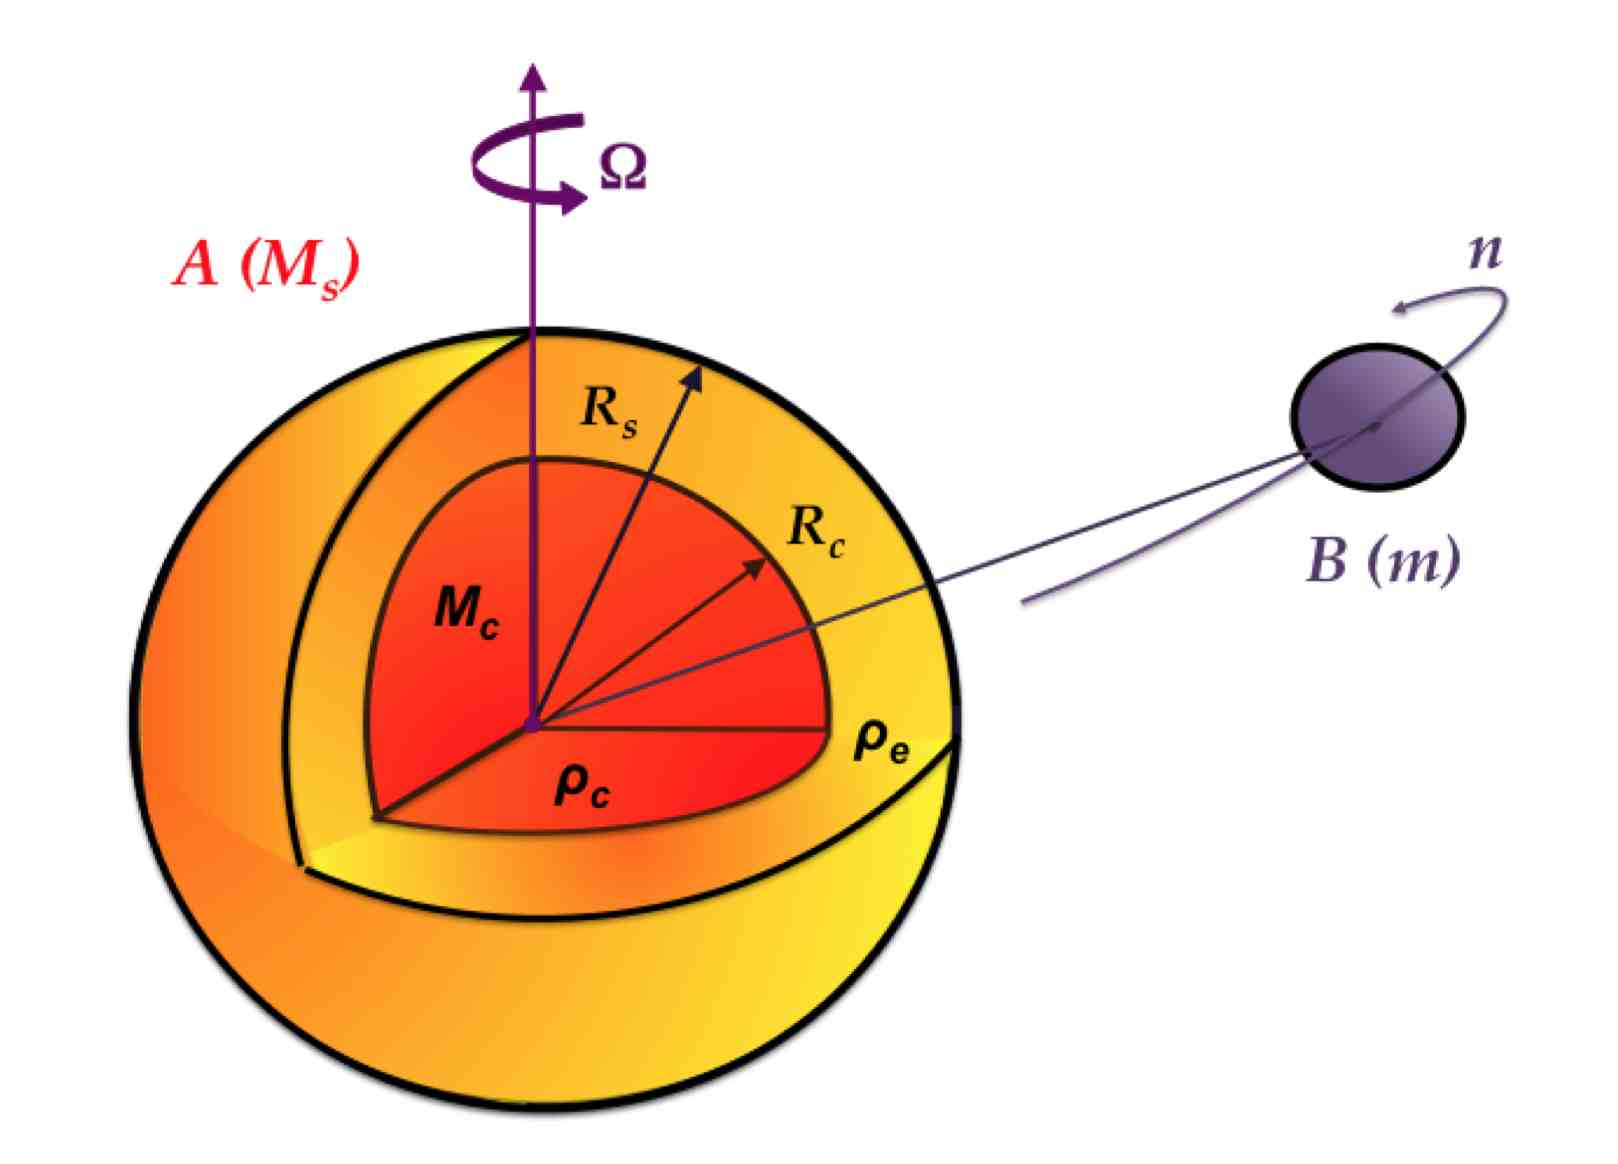 Les marées, élément clé de la relation entre étoiles et planètes 3631_1